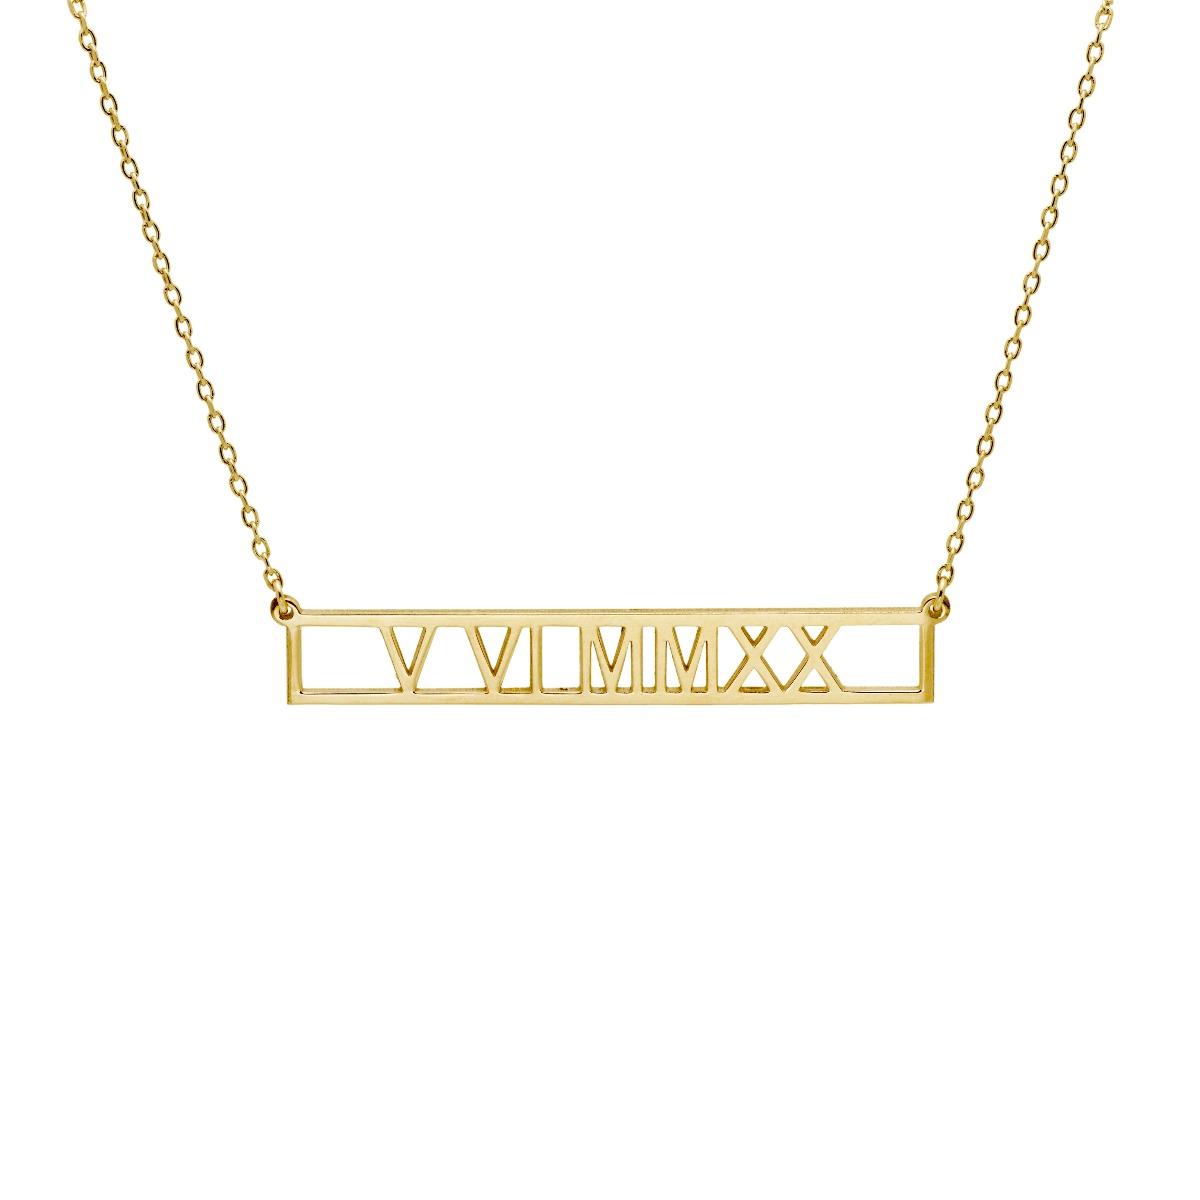 Κολιέ με Λατινικούς Αριθμούς Χρυσό